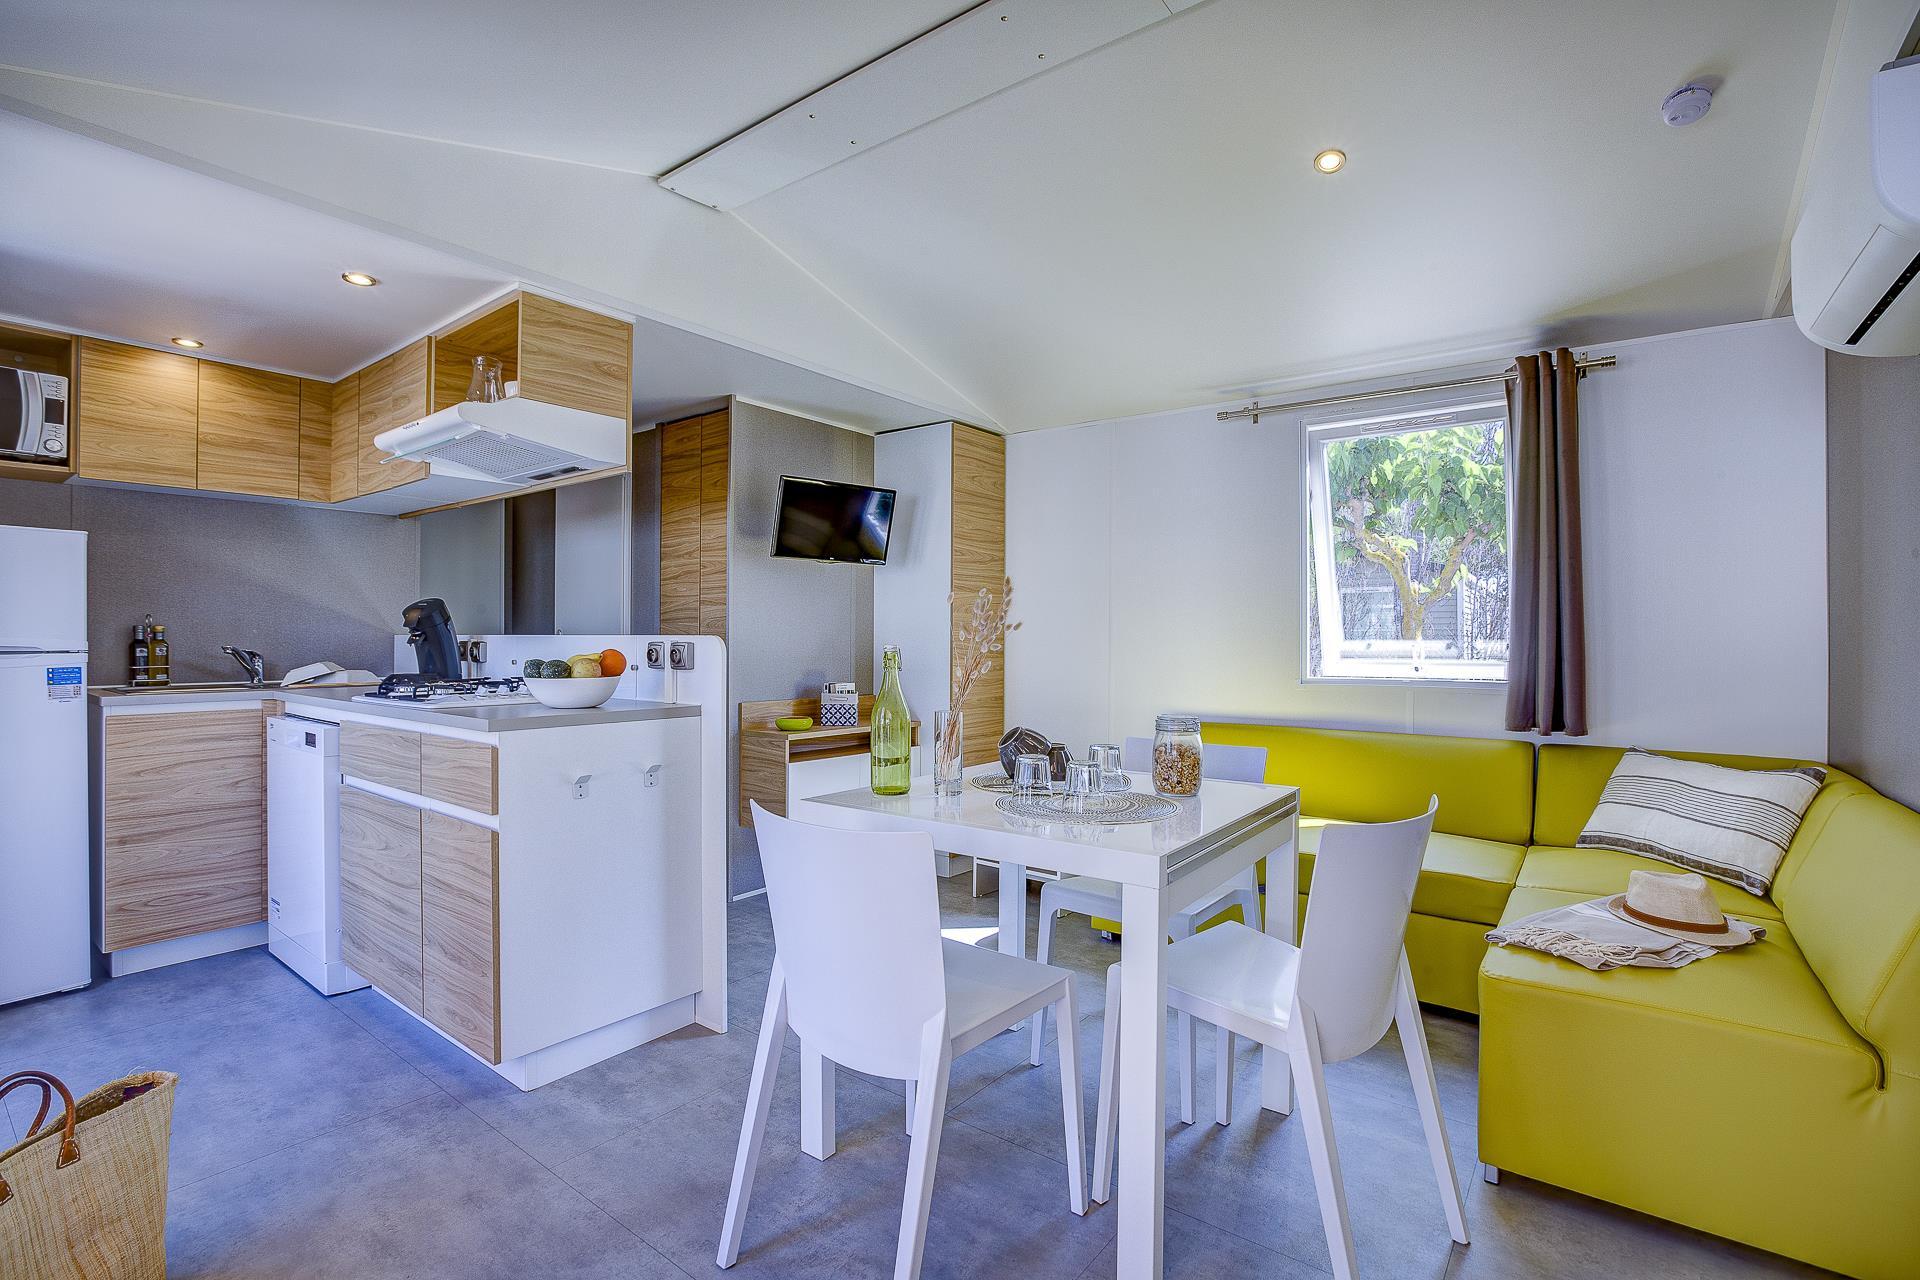 Location - Cottage Beach Garden 3 Chambres 2 Salles De Bain Climatisé Premium - Camping Sandaya Blue Bayou